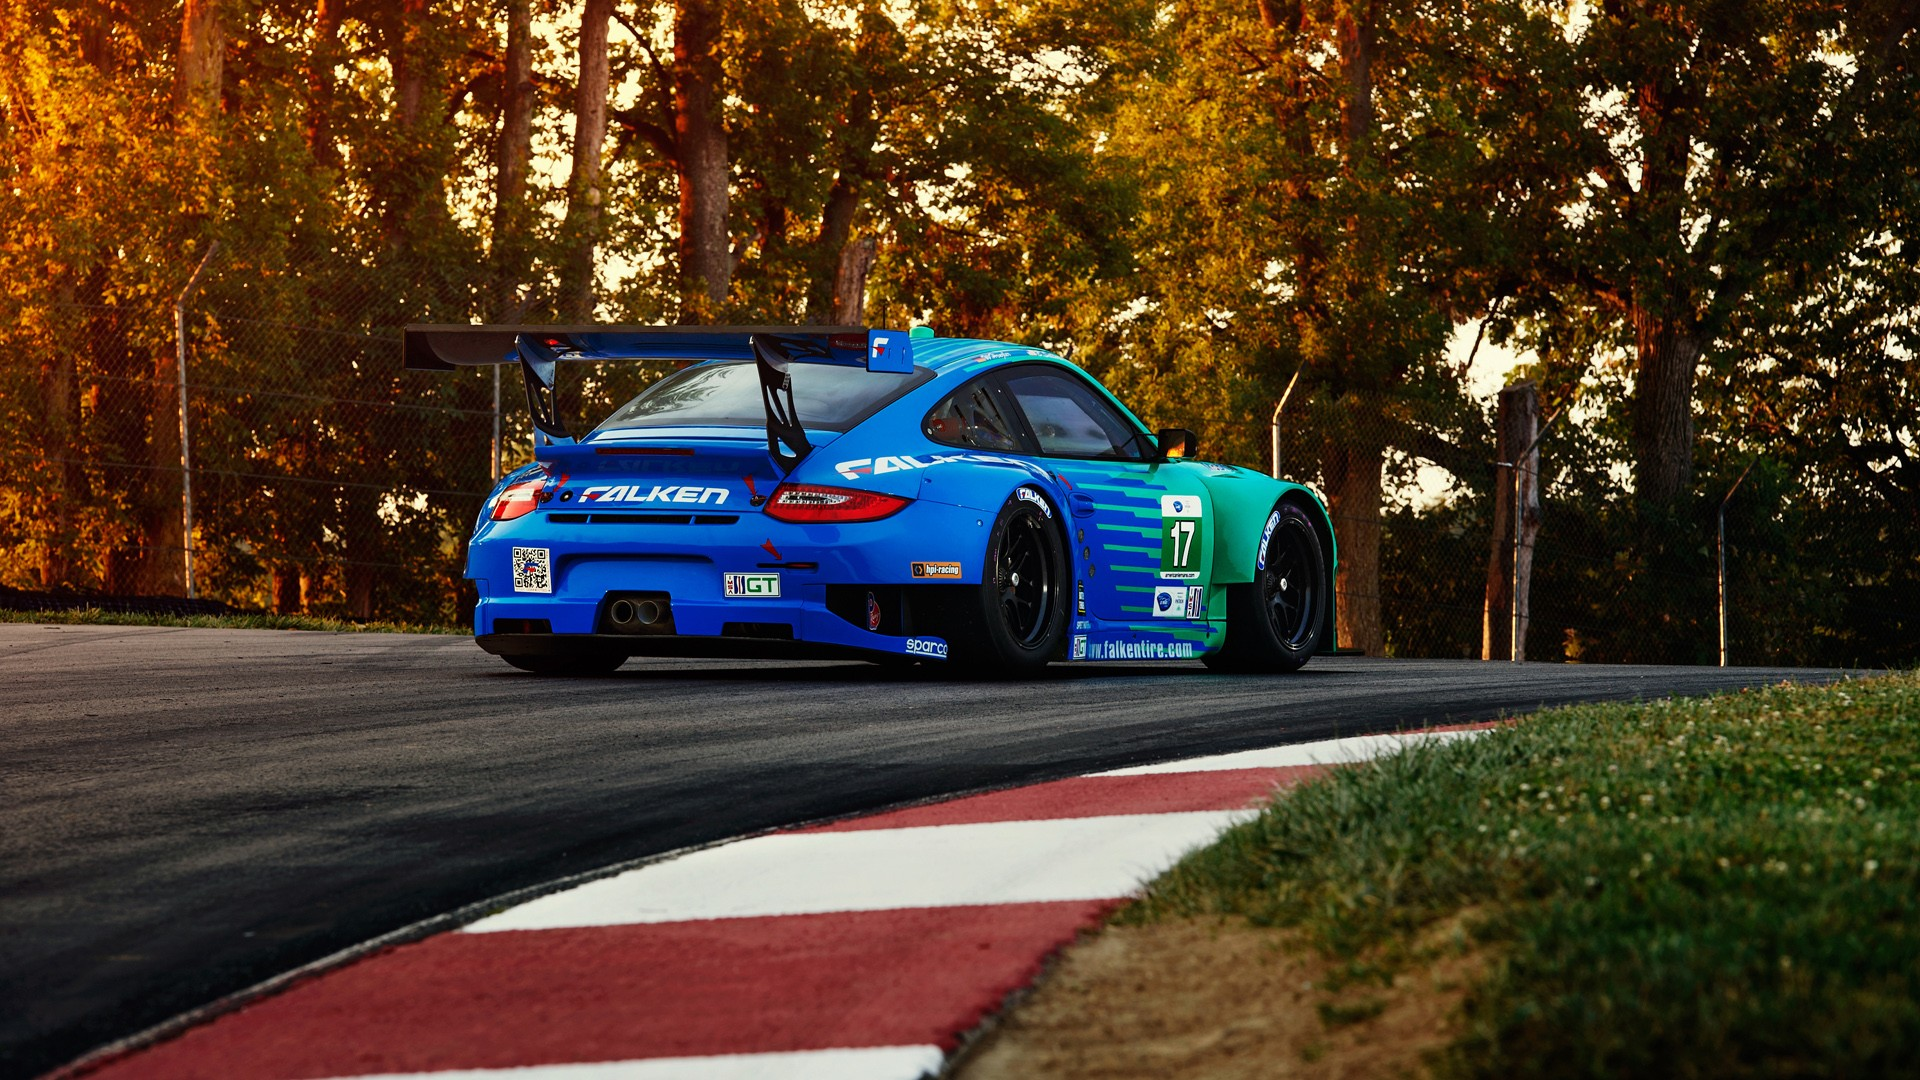 Wallpapers Hd Autos Fondos De Pantallas Hd: Falken Porsche RSR 2 Wallpaper